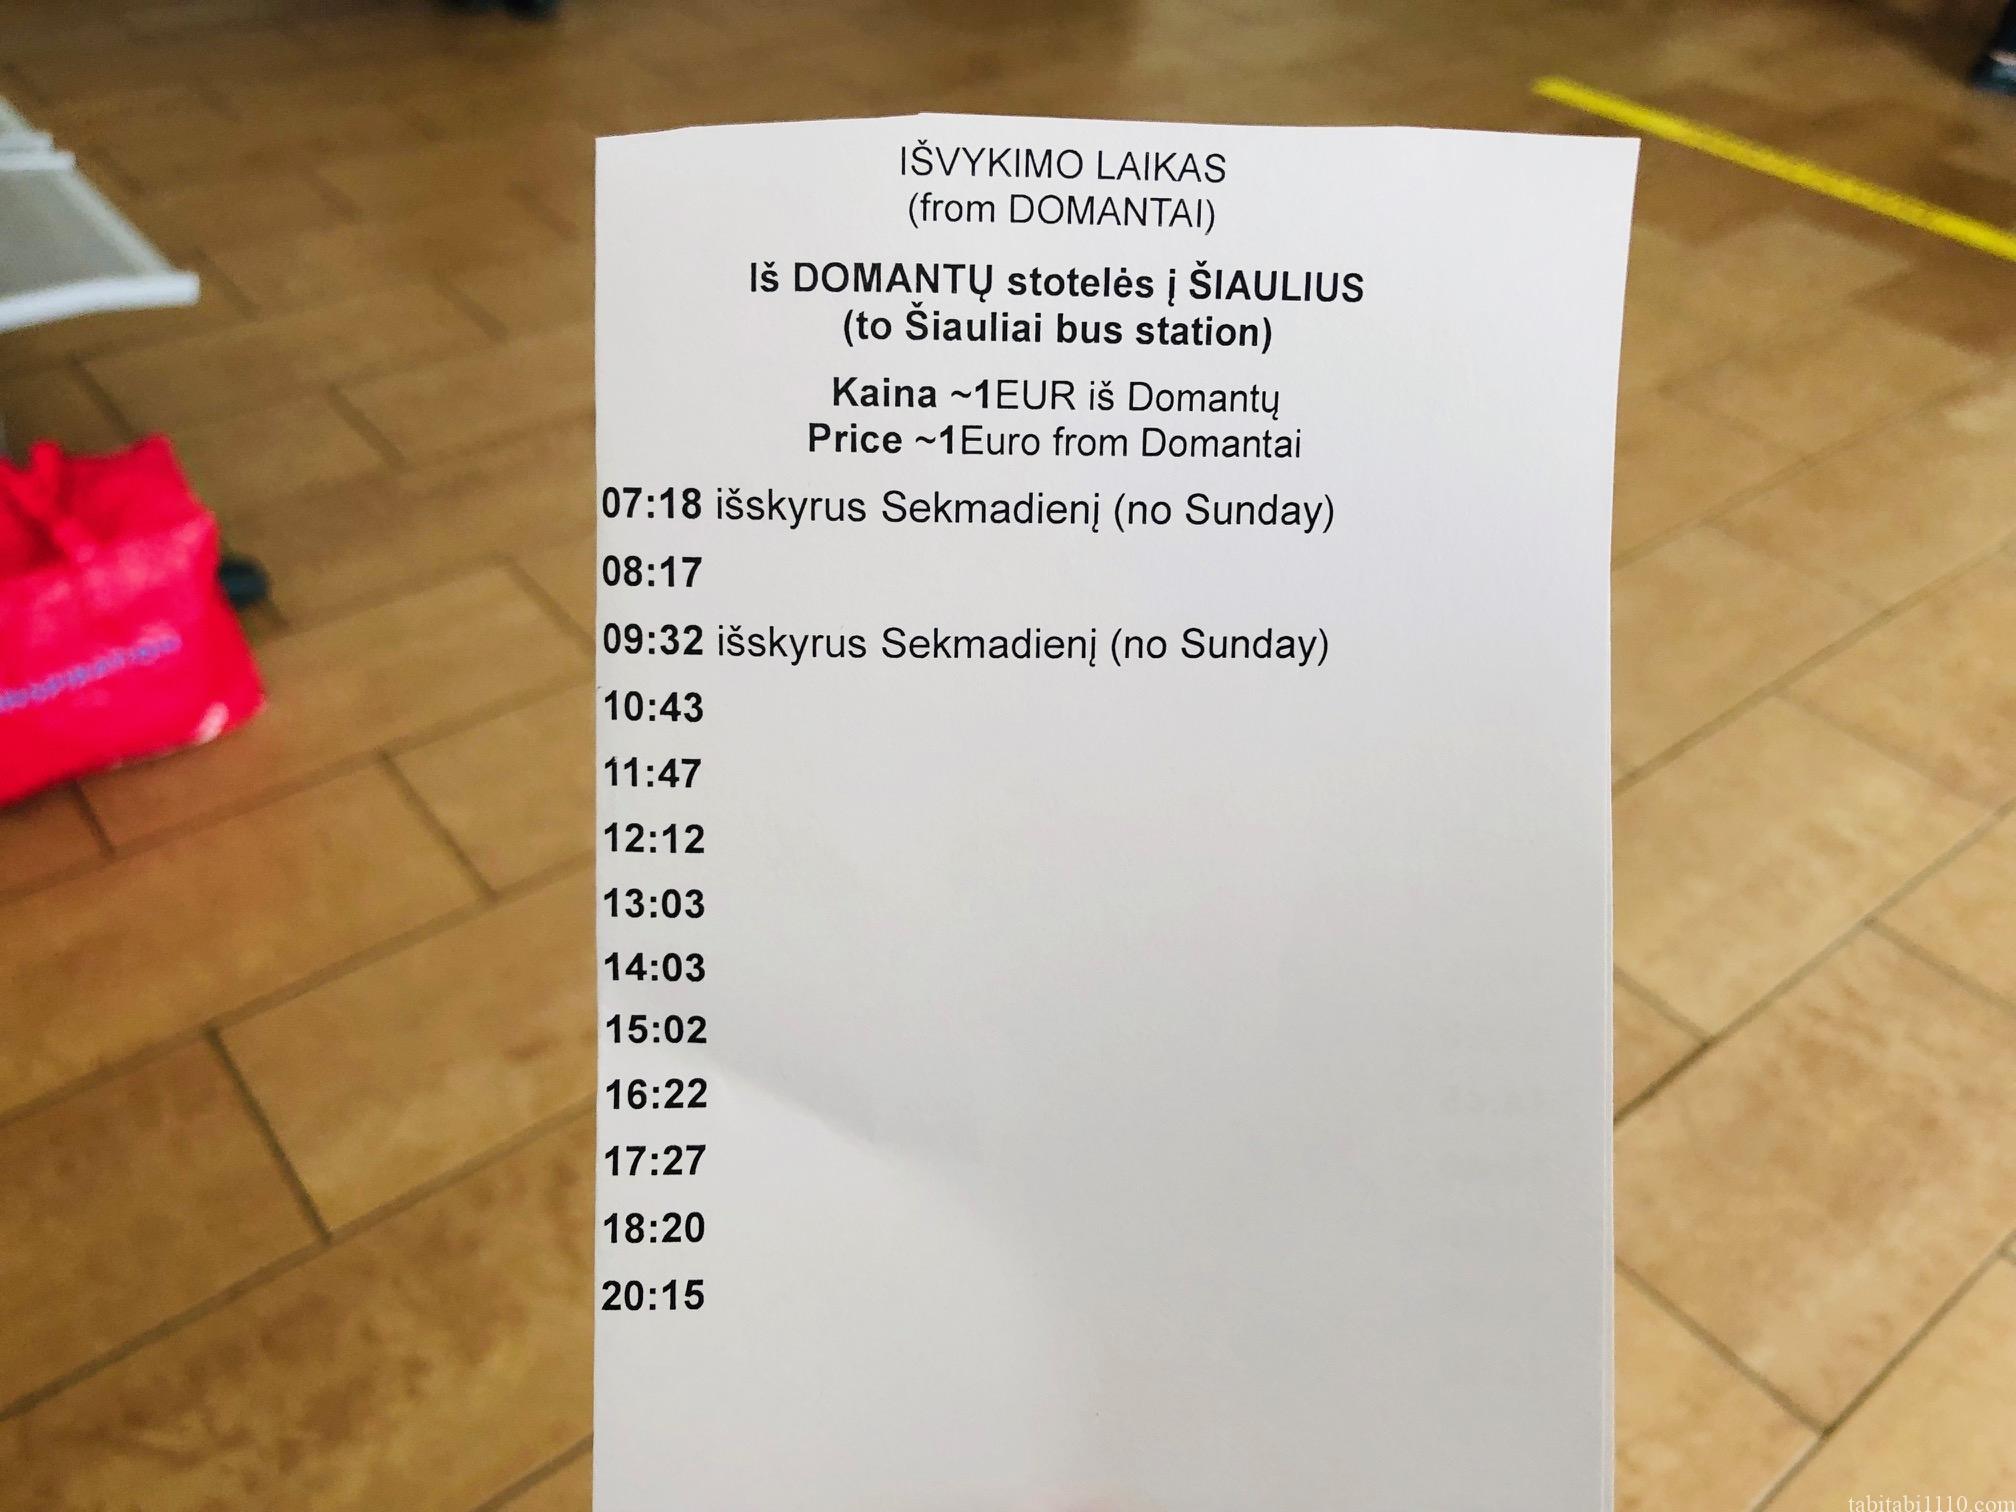 十字架の丘 シャウレイ バス 時刻表